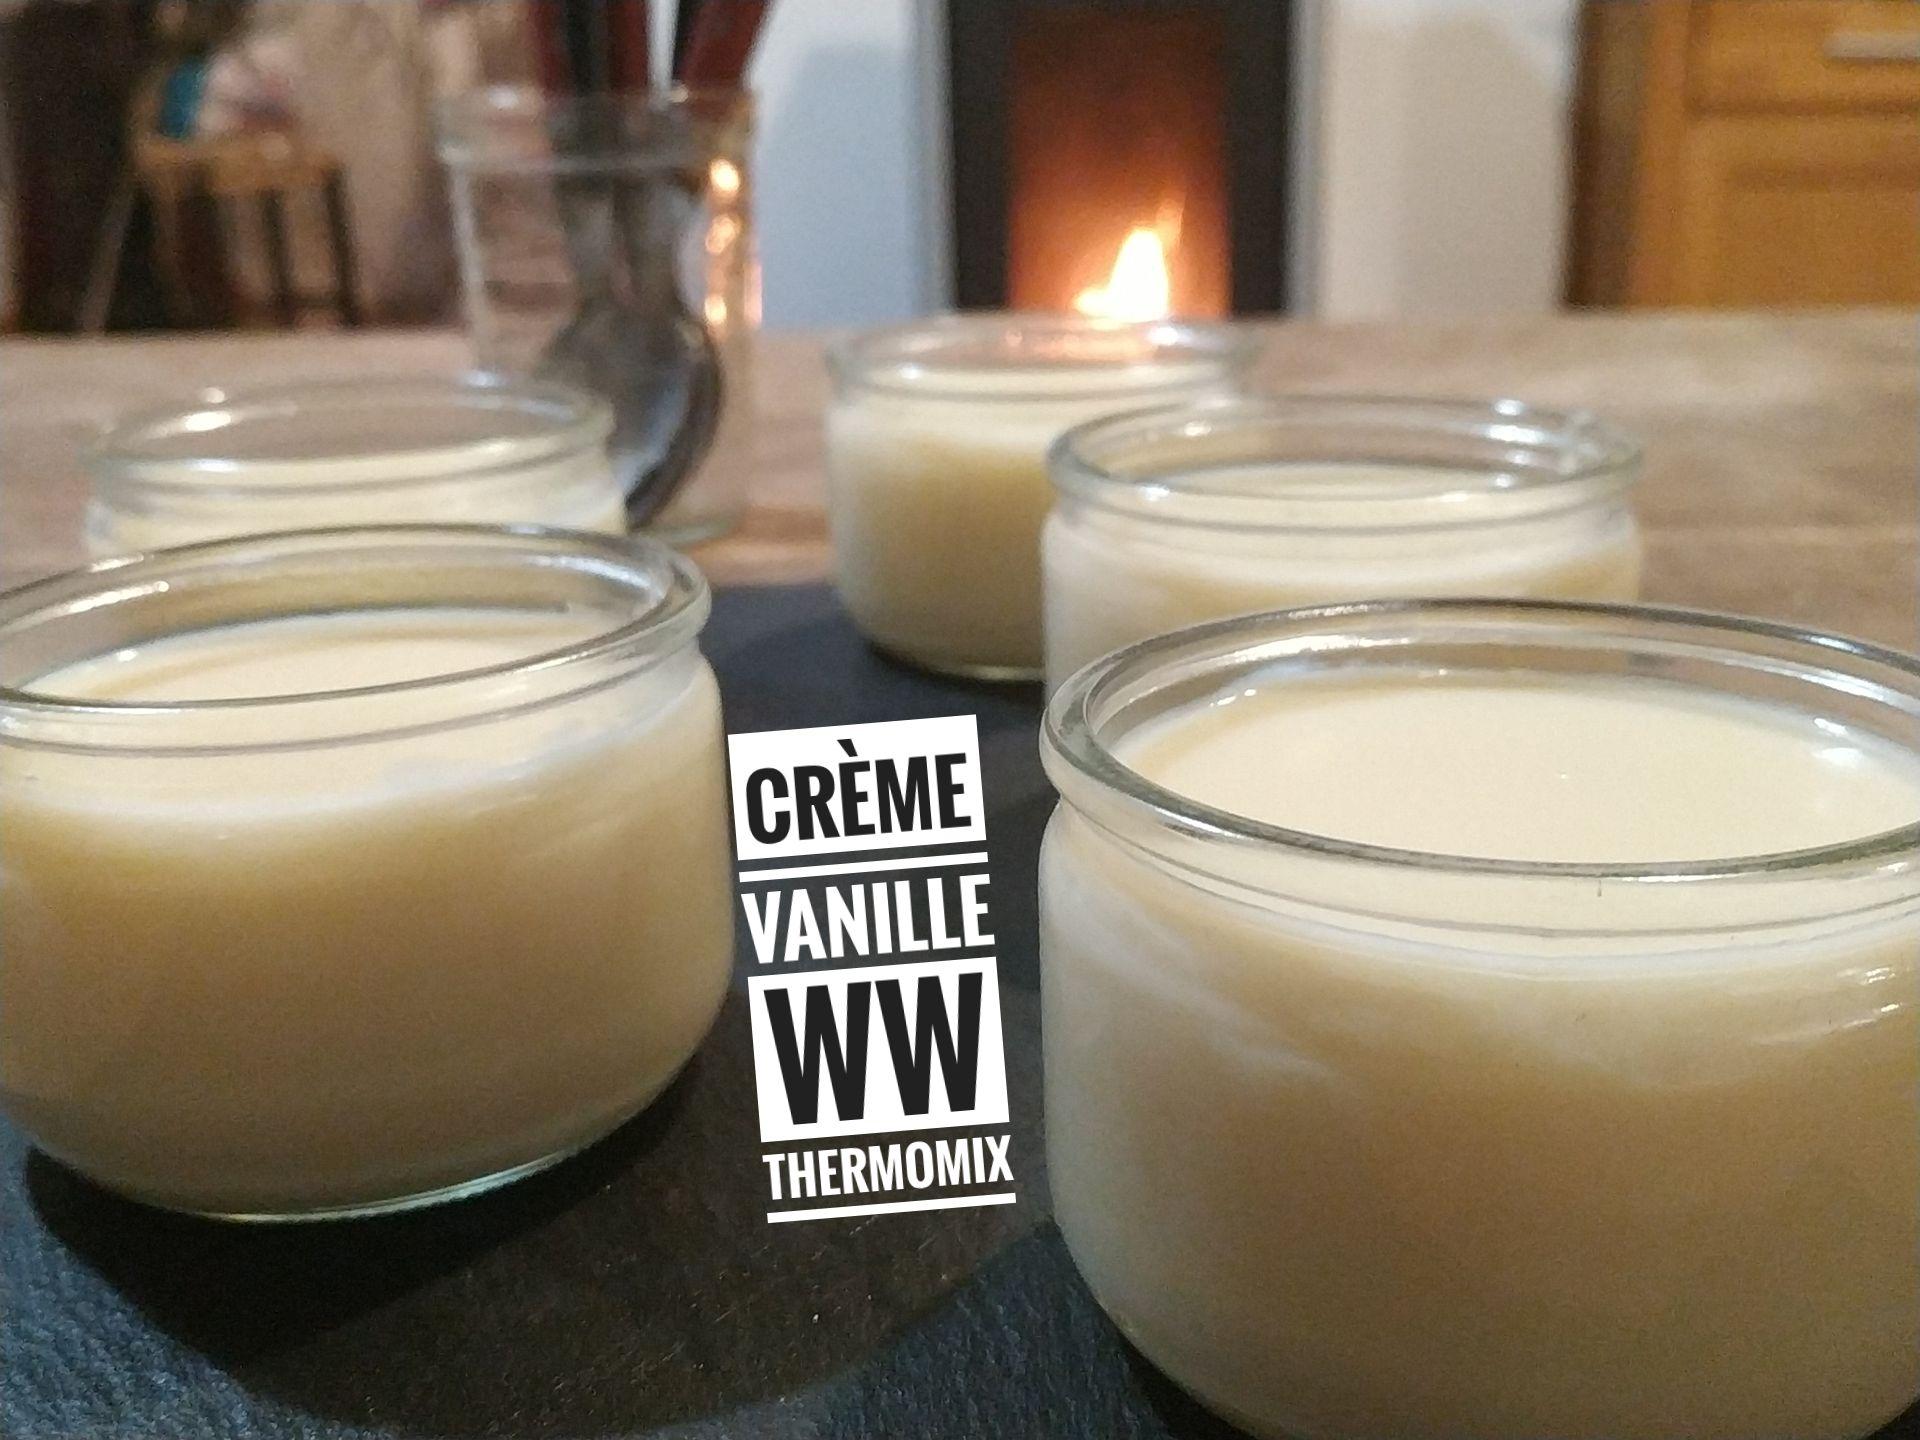 recette creme vanille ww thermomix - recettes de cuisine